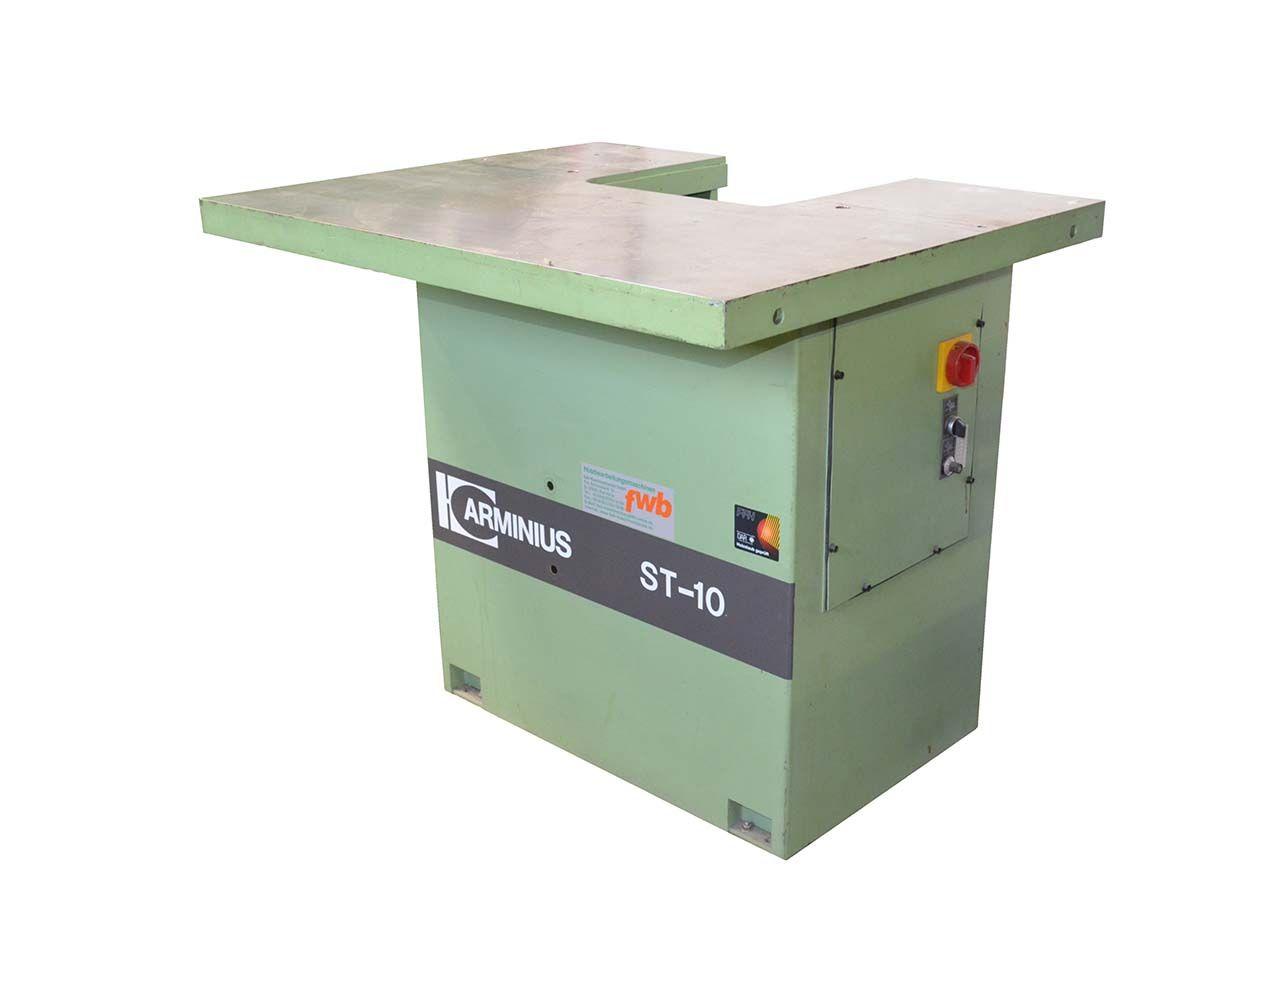 arminius-schleifmittel-start-produkte-gebrauchtmaschinen-slider-3